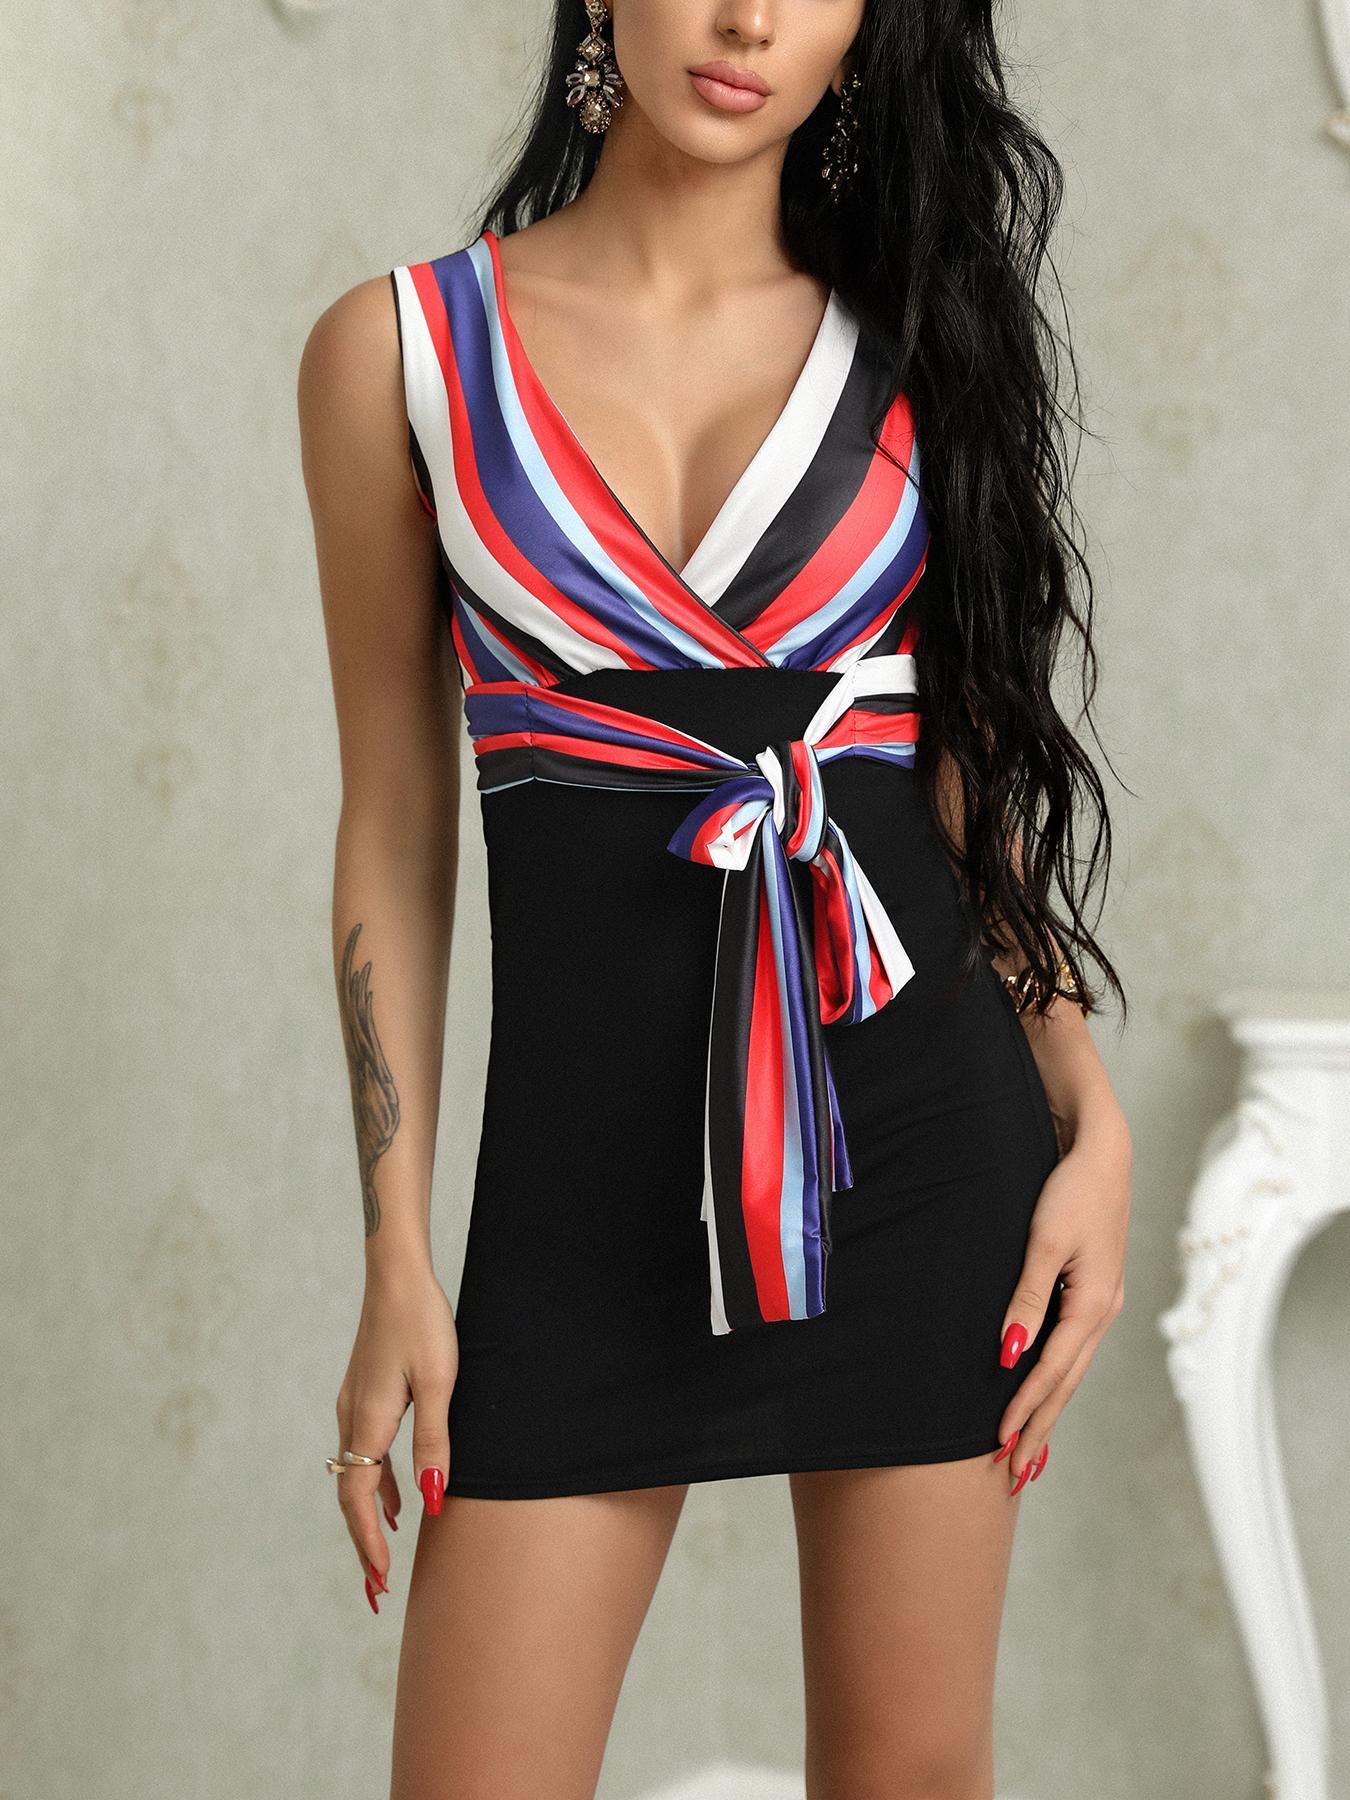 ivrose / Listras Coloridas Envolto Mini vestido com cinto